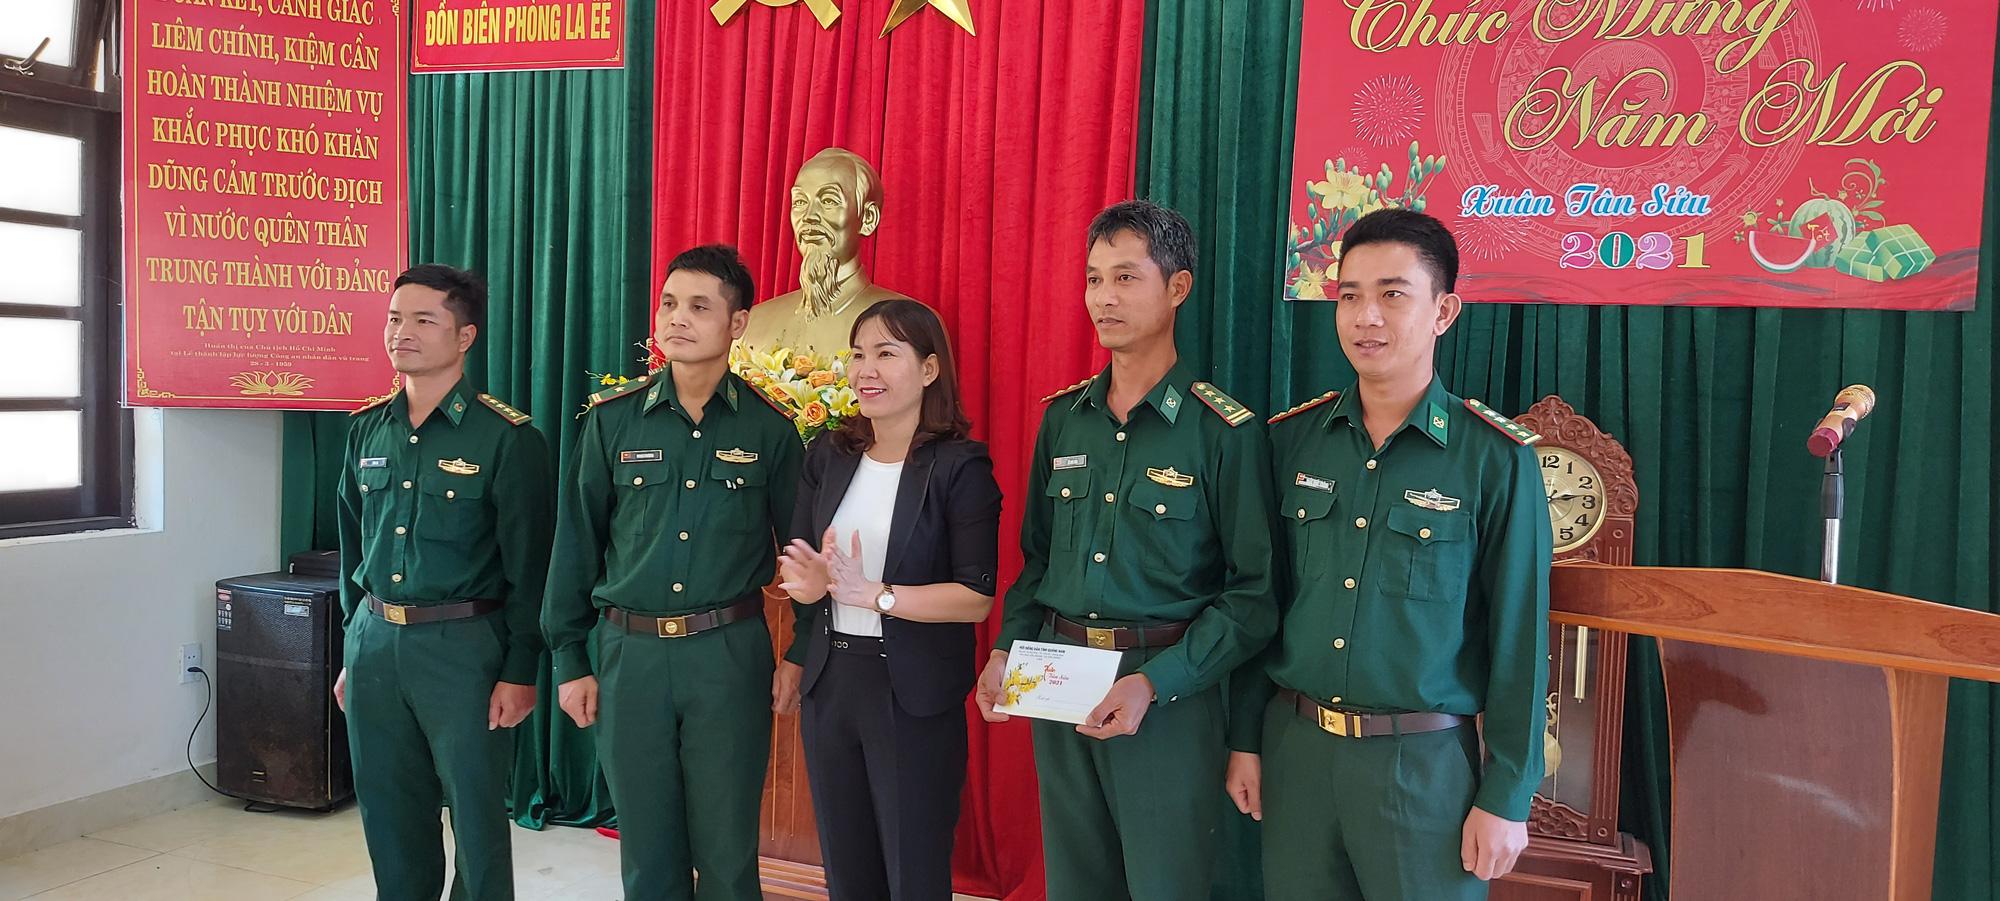 Hội Nông dân Quảng Nam hướng về các chiến sĩ đầu tuyến chống dịch Covid-19 - Ảnh 1.